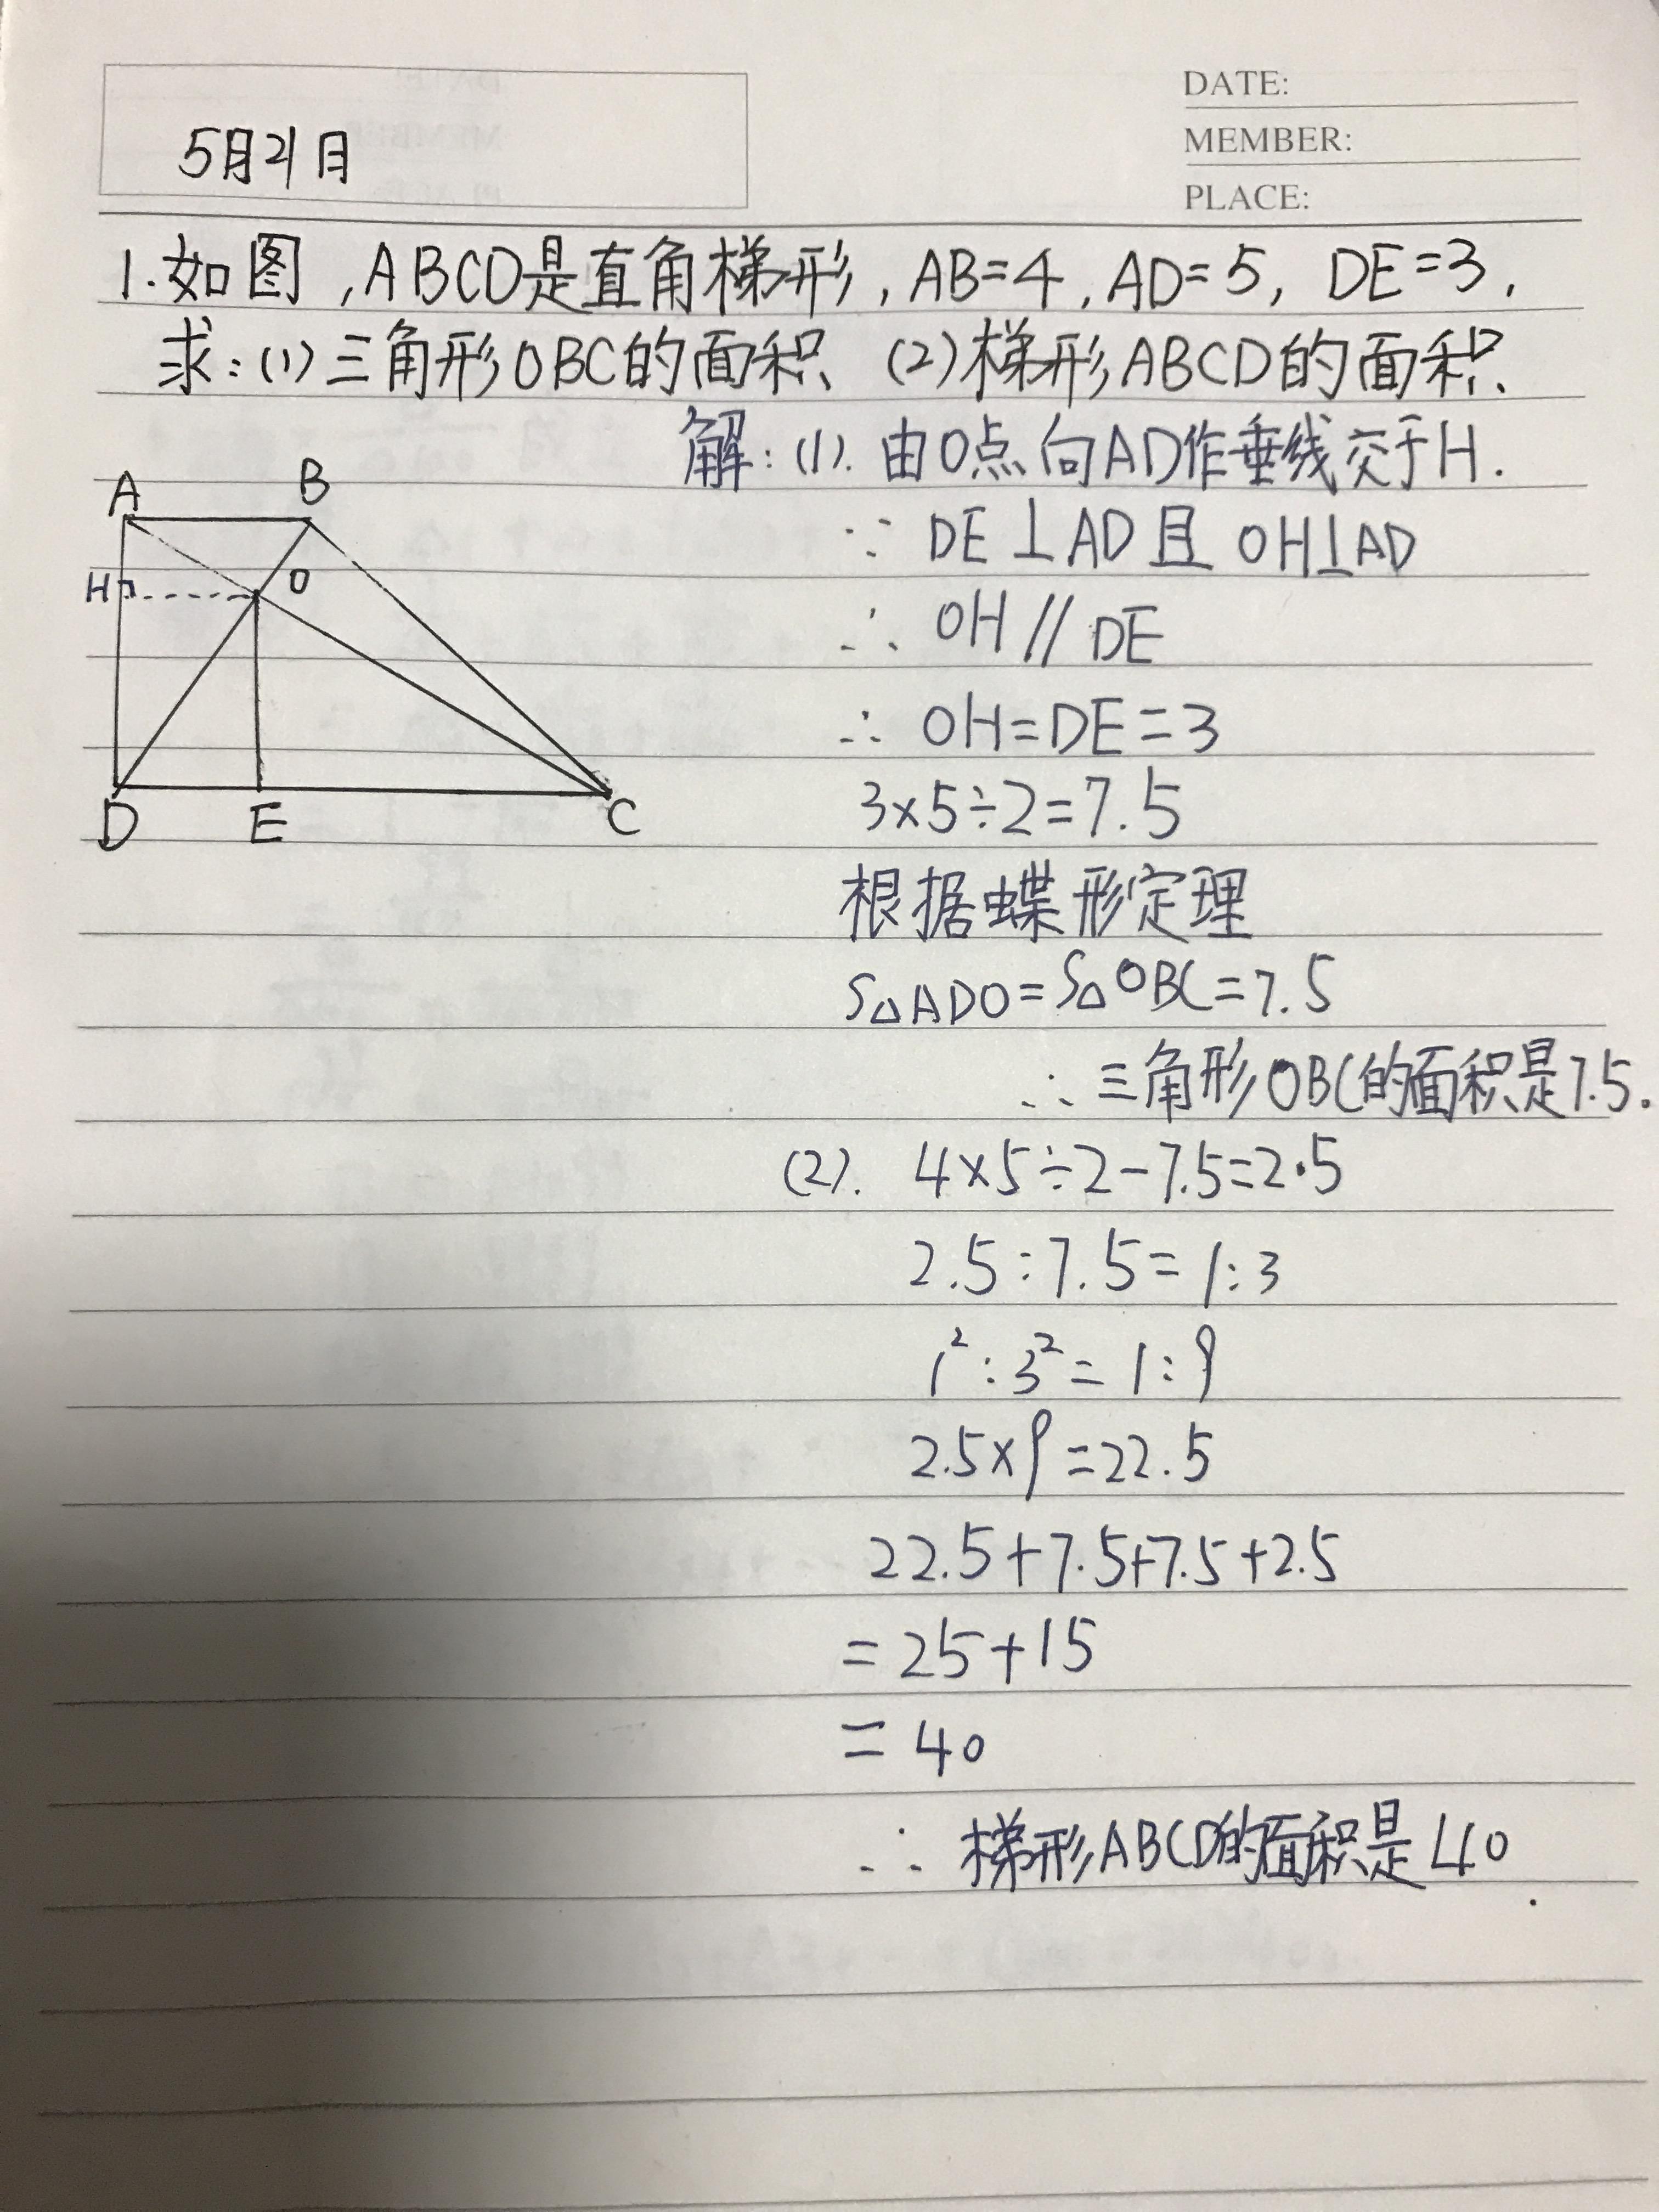 54FF68C6-C59E-490A-A41E-C39FA0F99436.jpg